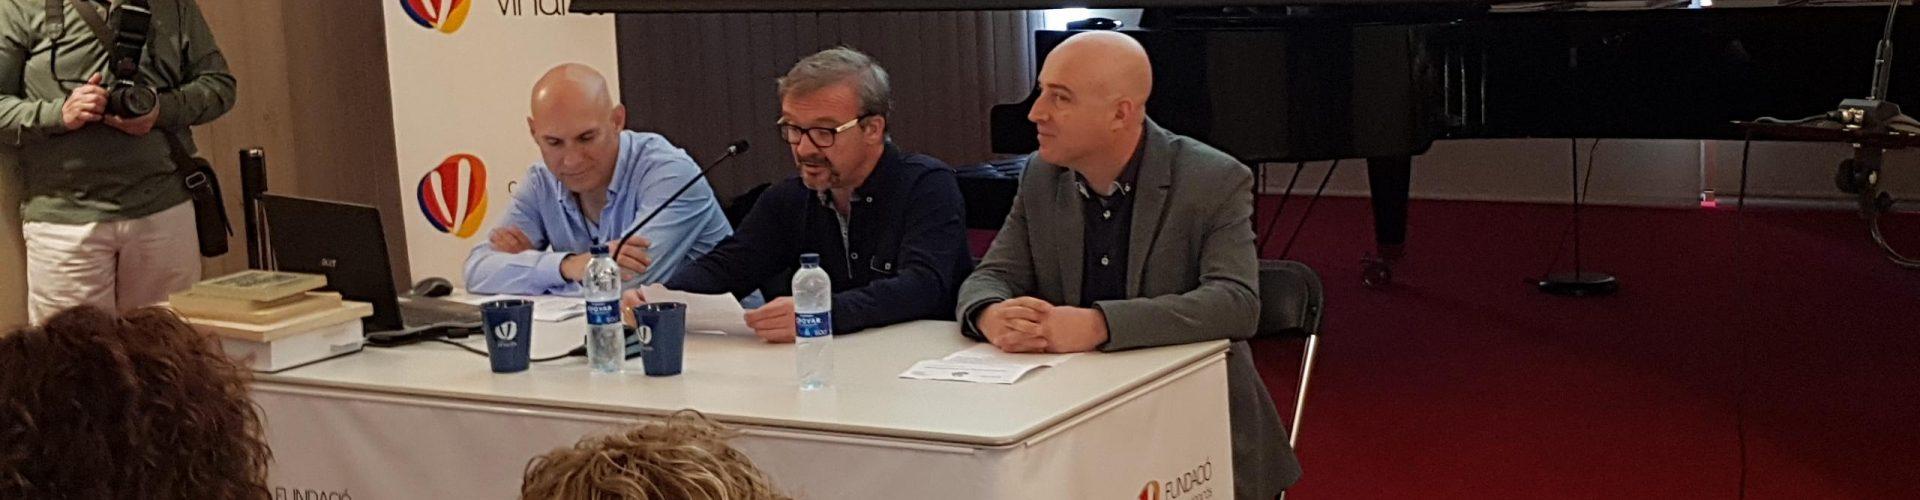 Conferència sobre Leopoldo Querol